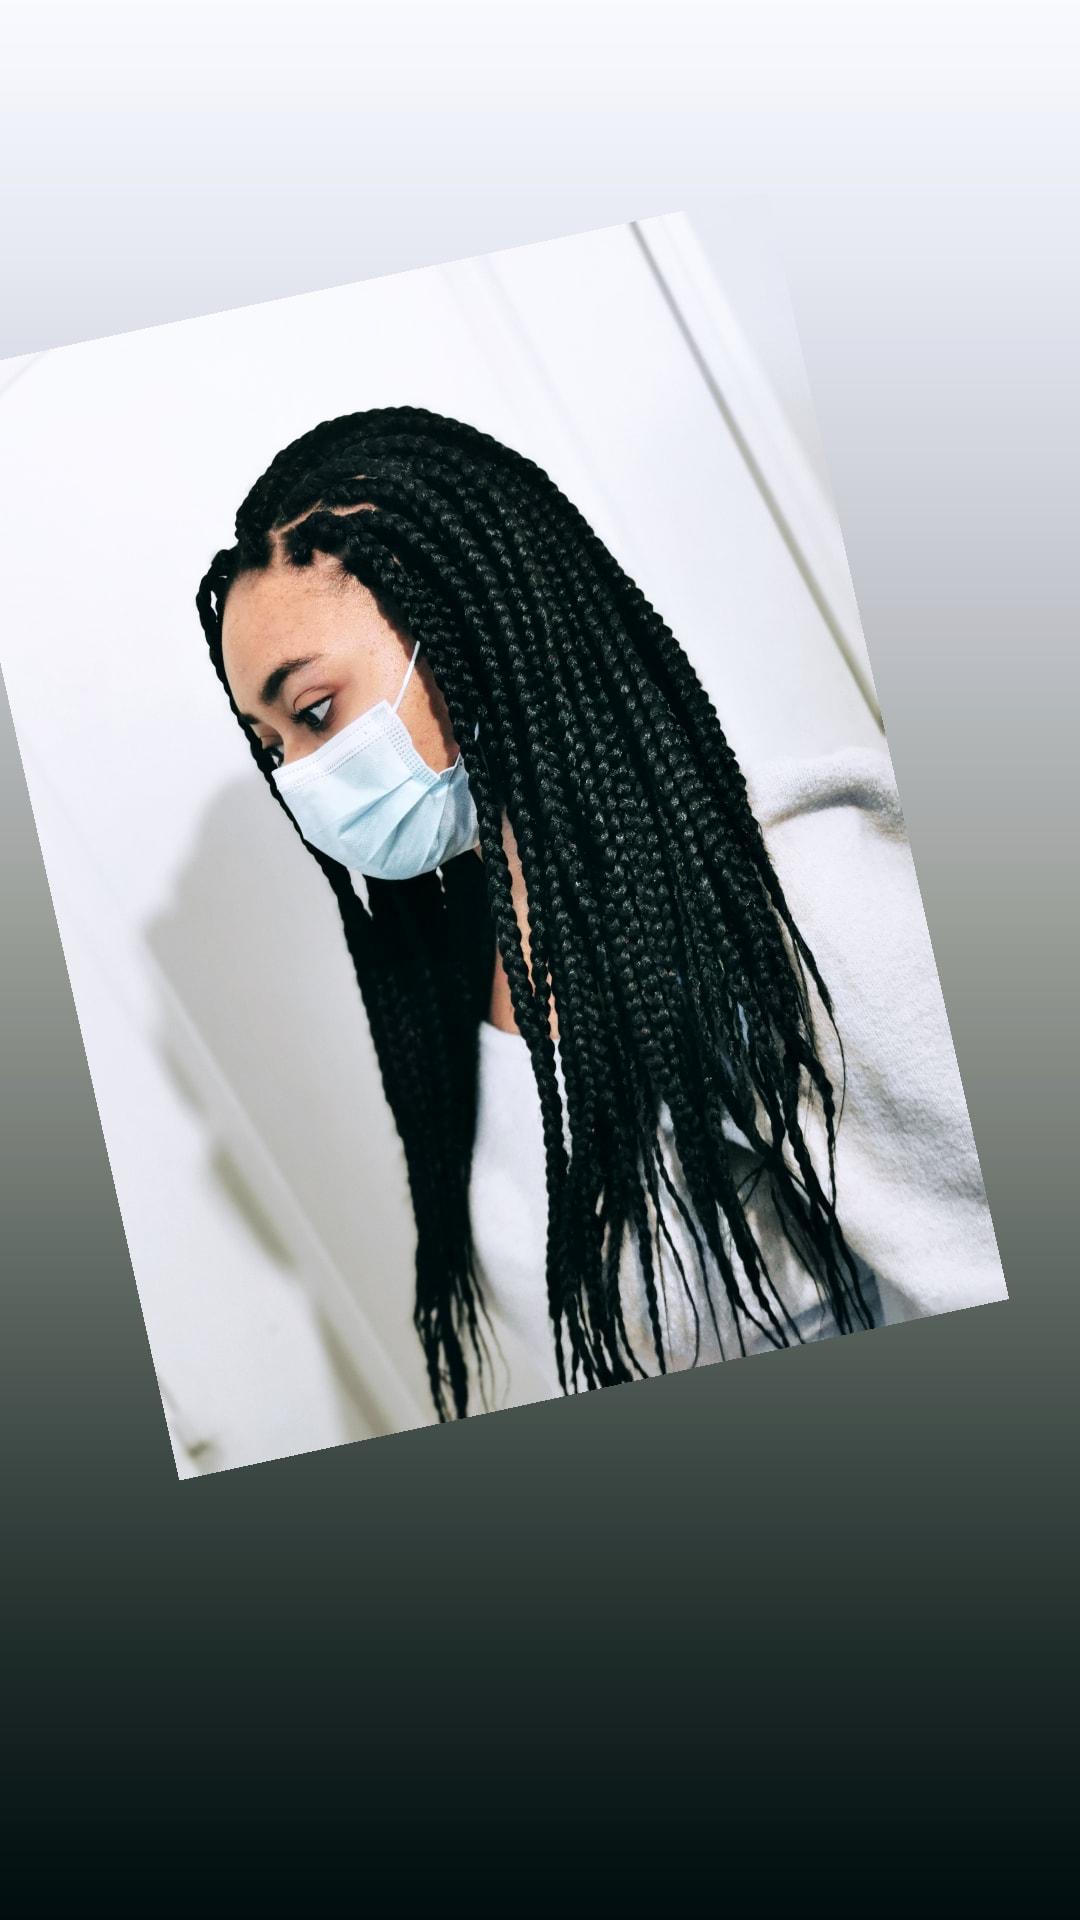 salon de coiffure afro tresse tresses box braids crochet braids vanilles tissages paris 75 77 78 91 92 93 94 95 WCXOKWHS